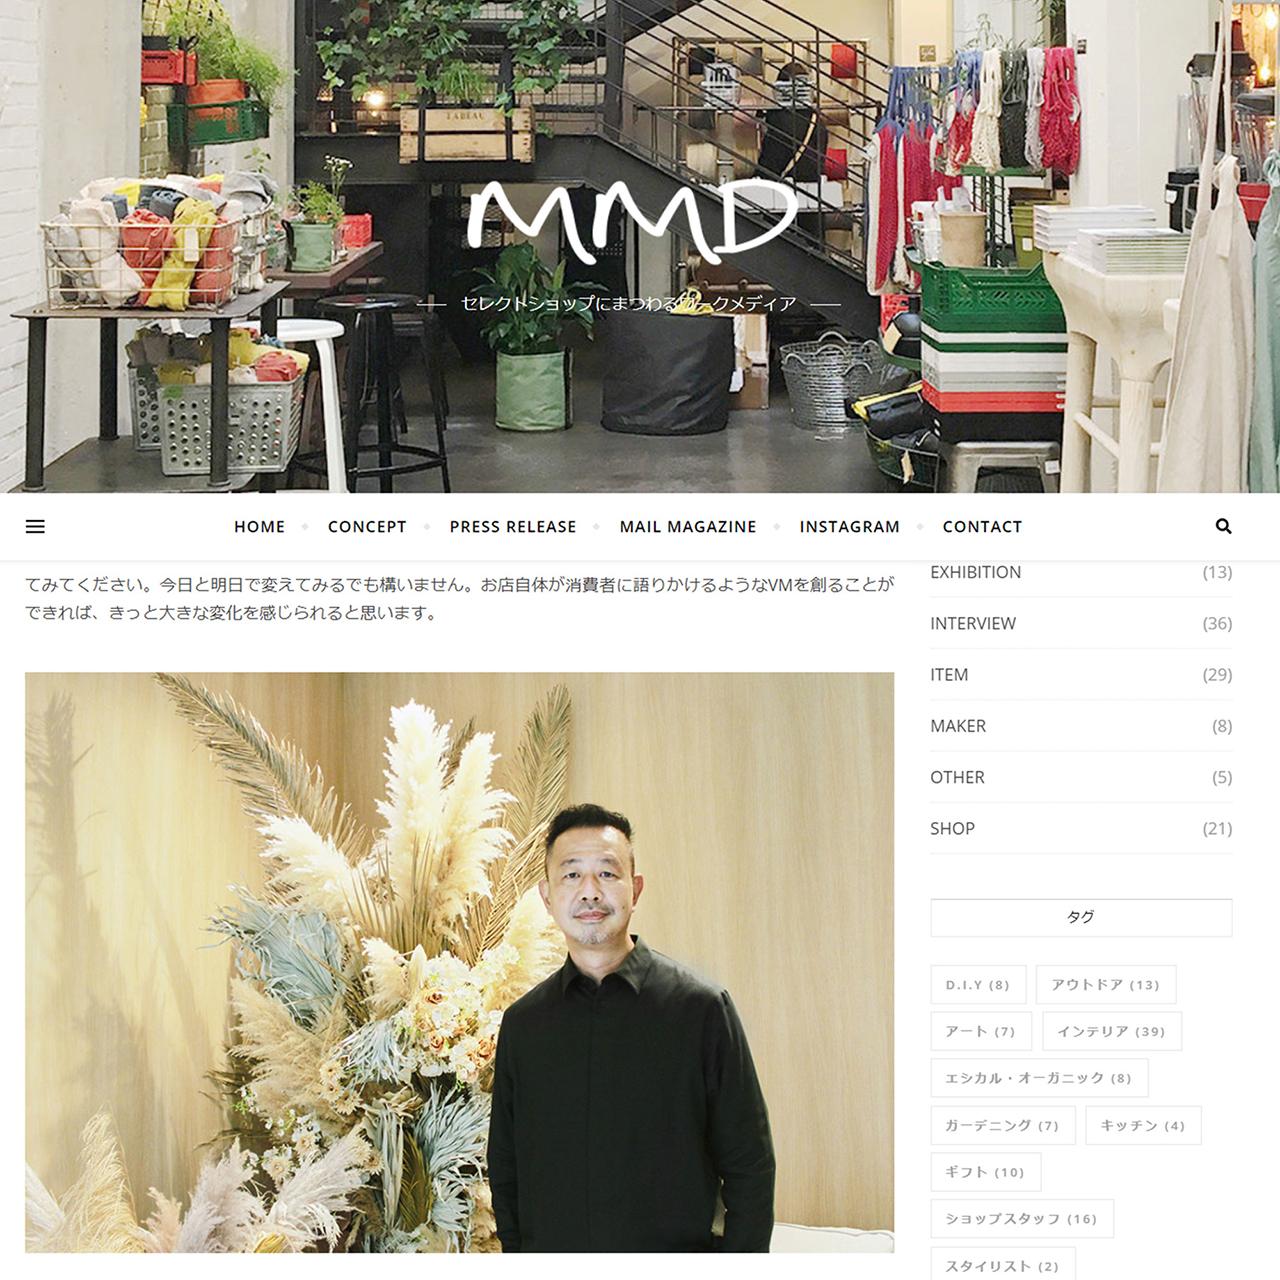 MMD堀田のインタビューイメージ